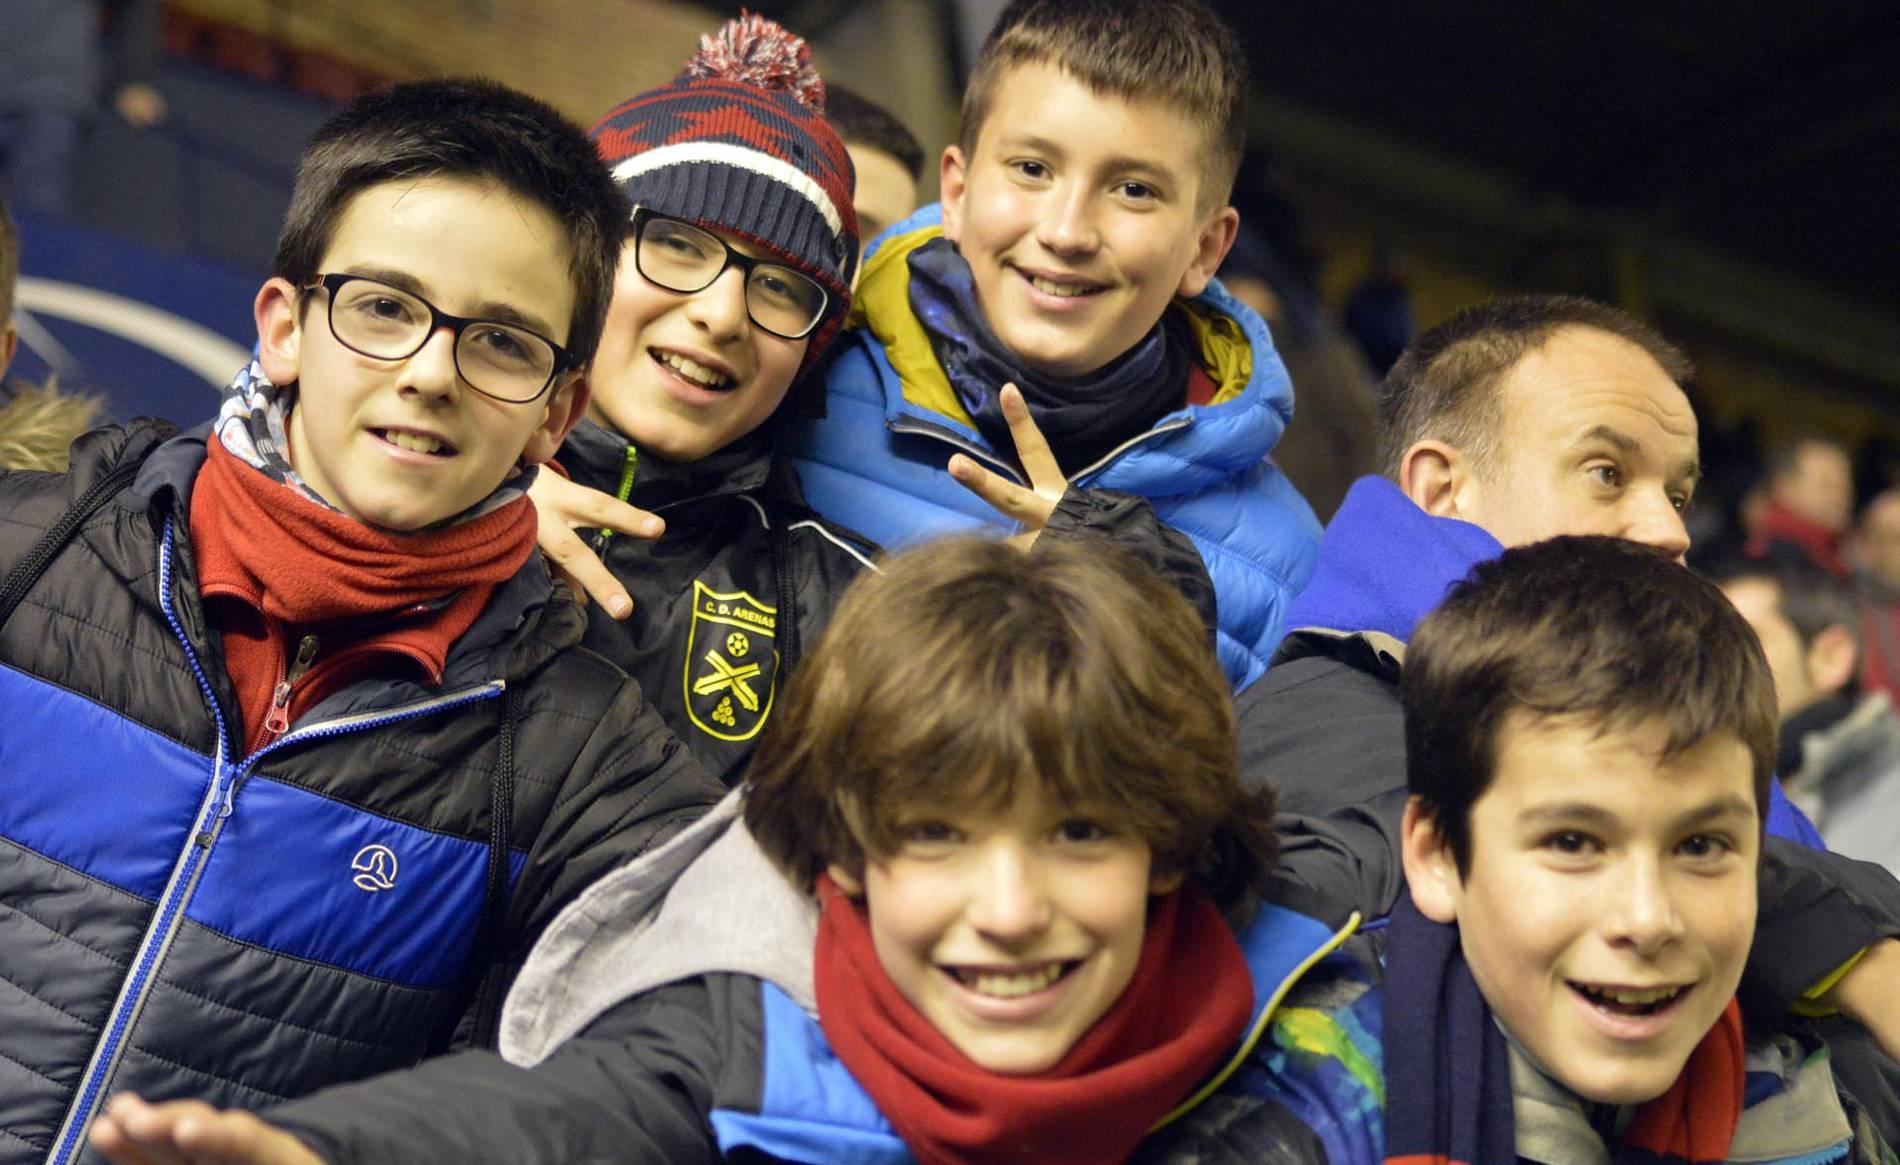 Búscate en la grada del Osasuna - Rayo (II) (1/43) - Todas las imágenes del partido entre Osasuna y Rayo - Osasuna -